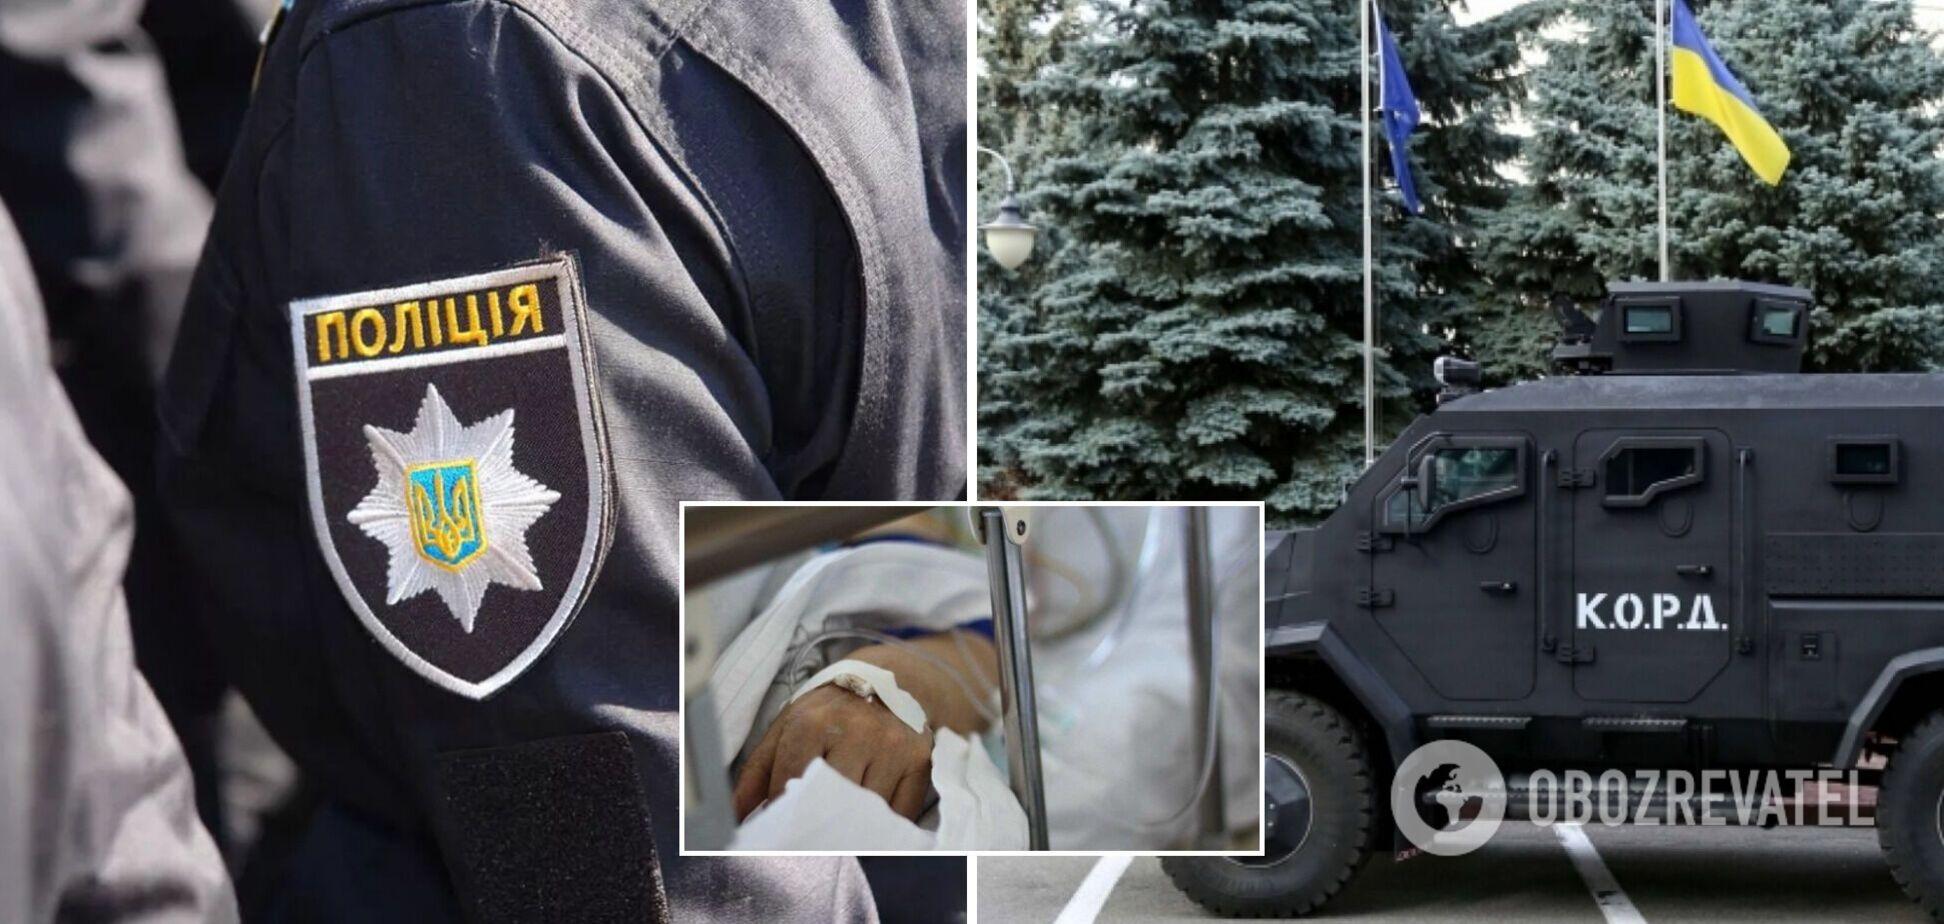 У Чернівцях чоловік помер від інфаркту після затримання поліцією